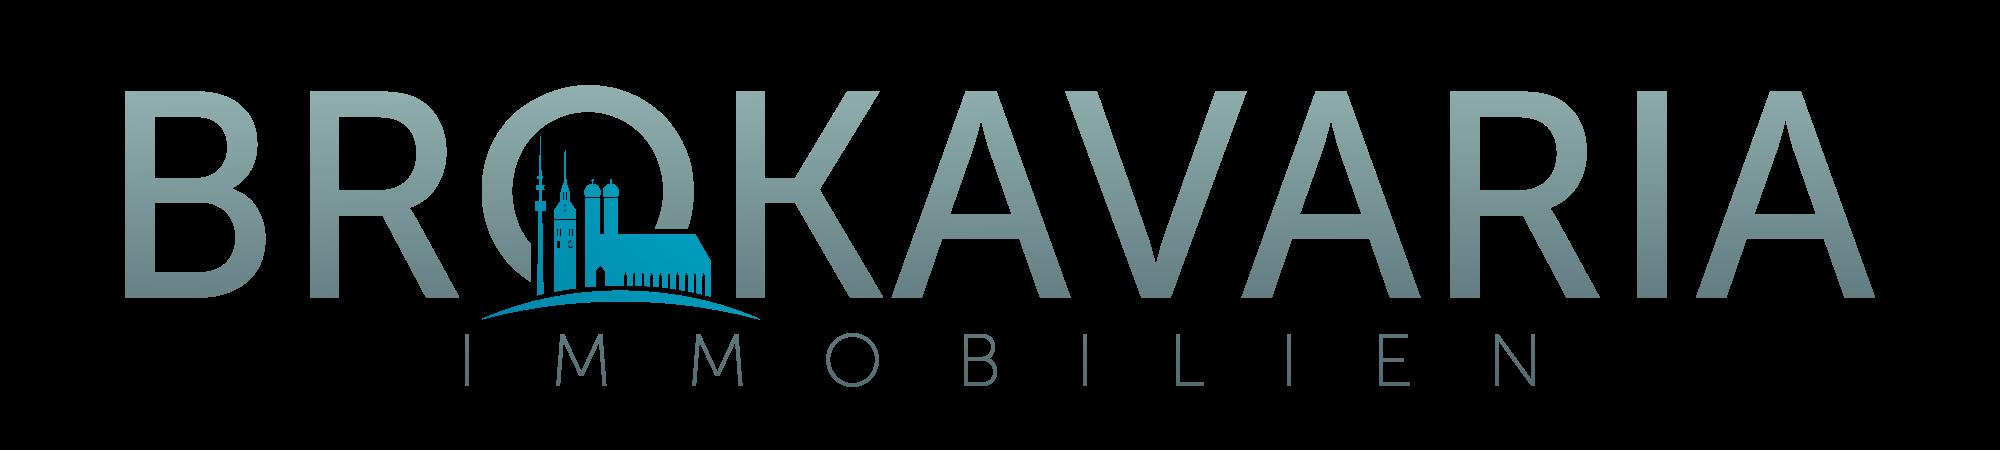 Hier sehen Sie das Logo von Brokavaria Immobilien